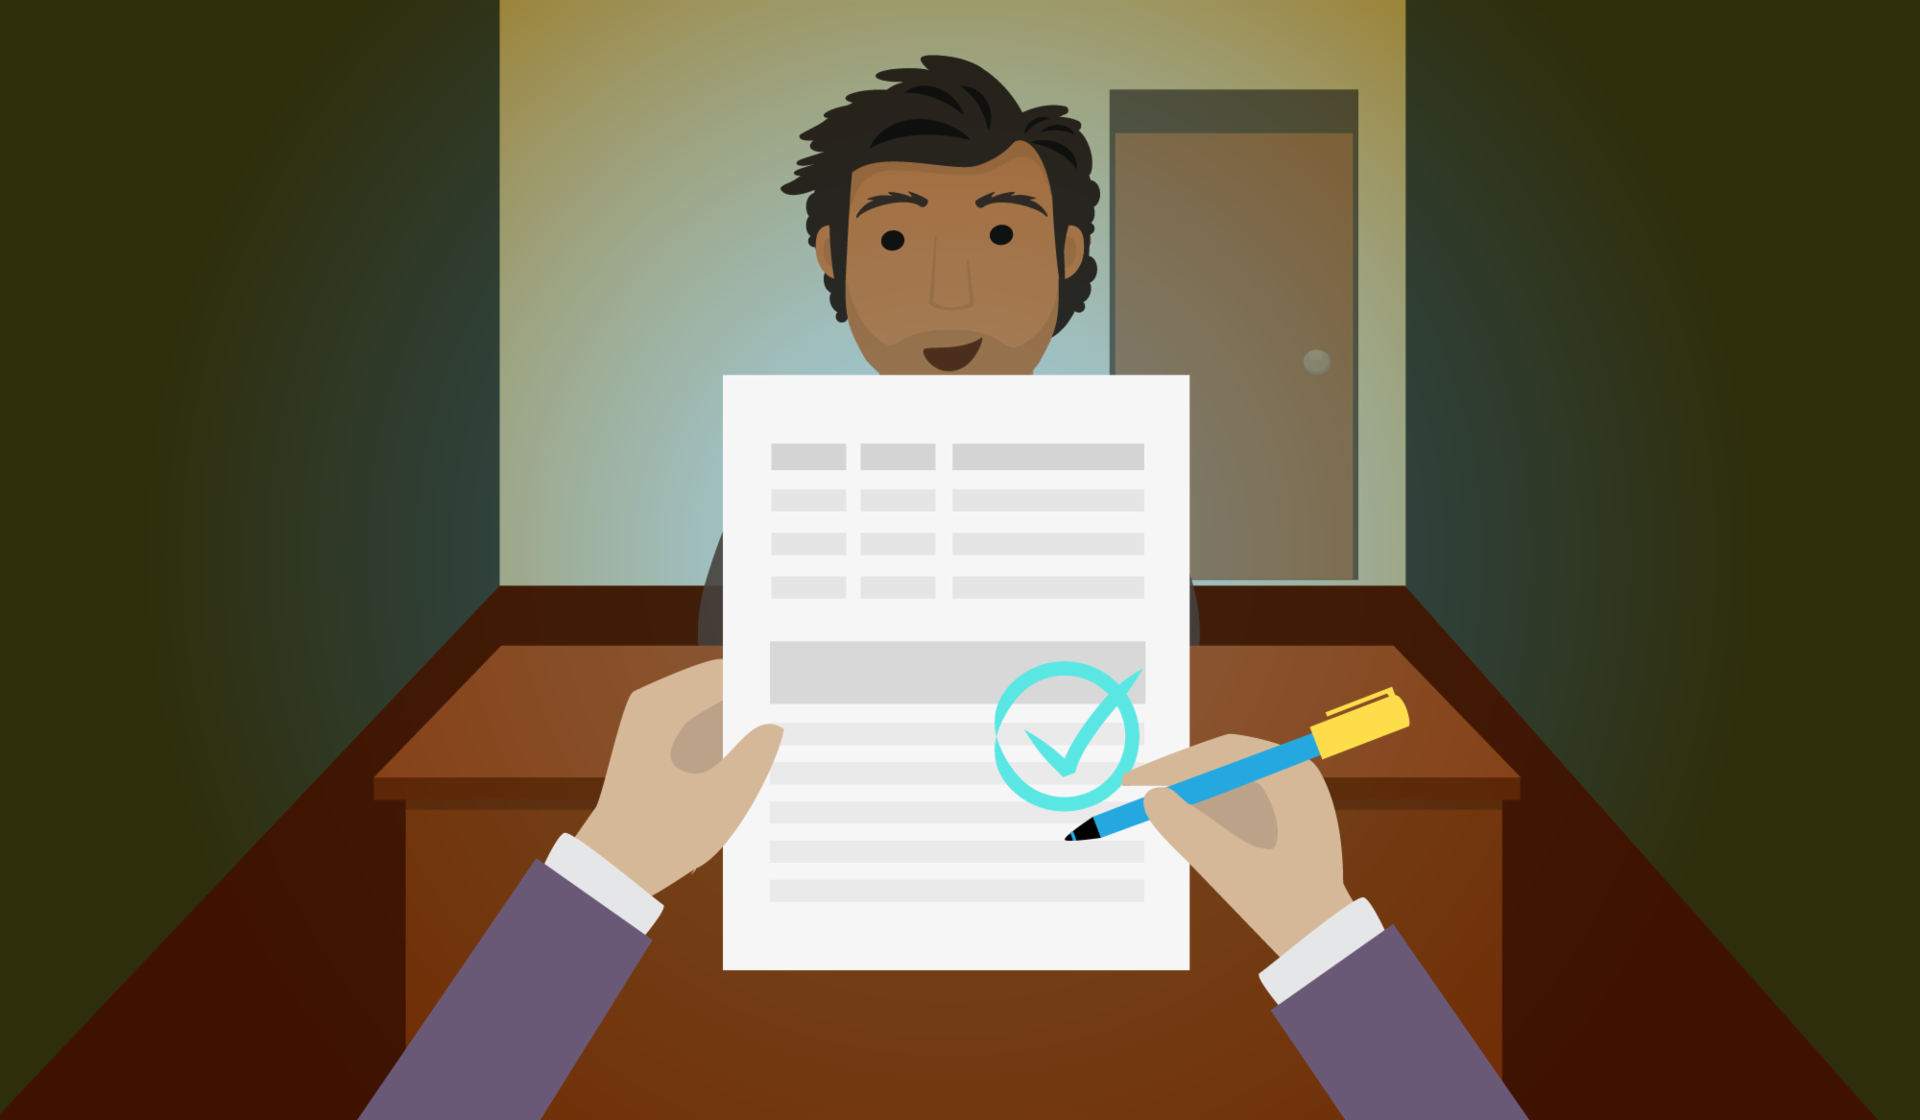 Mundo laboral: Objetivos de una entrevista de trabajo